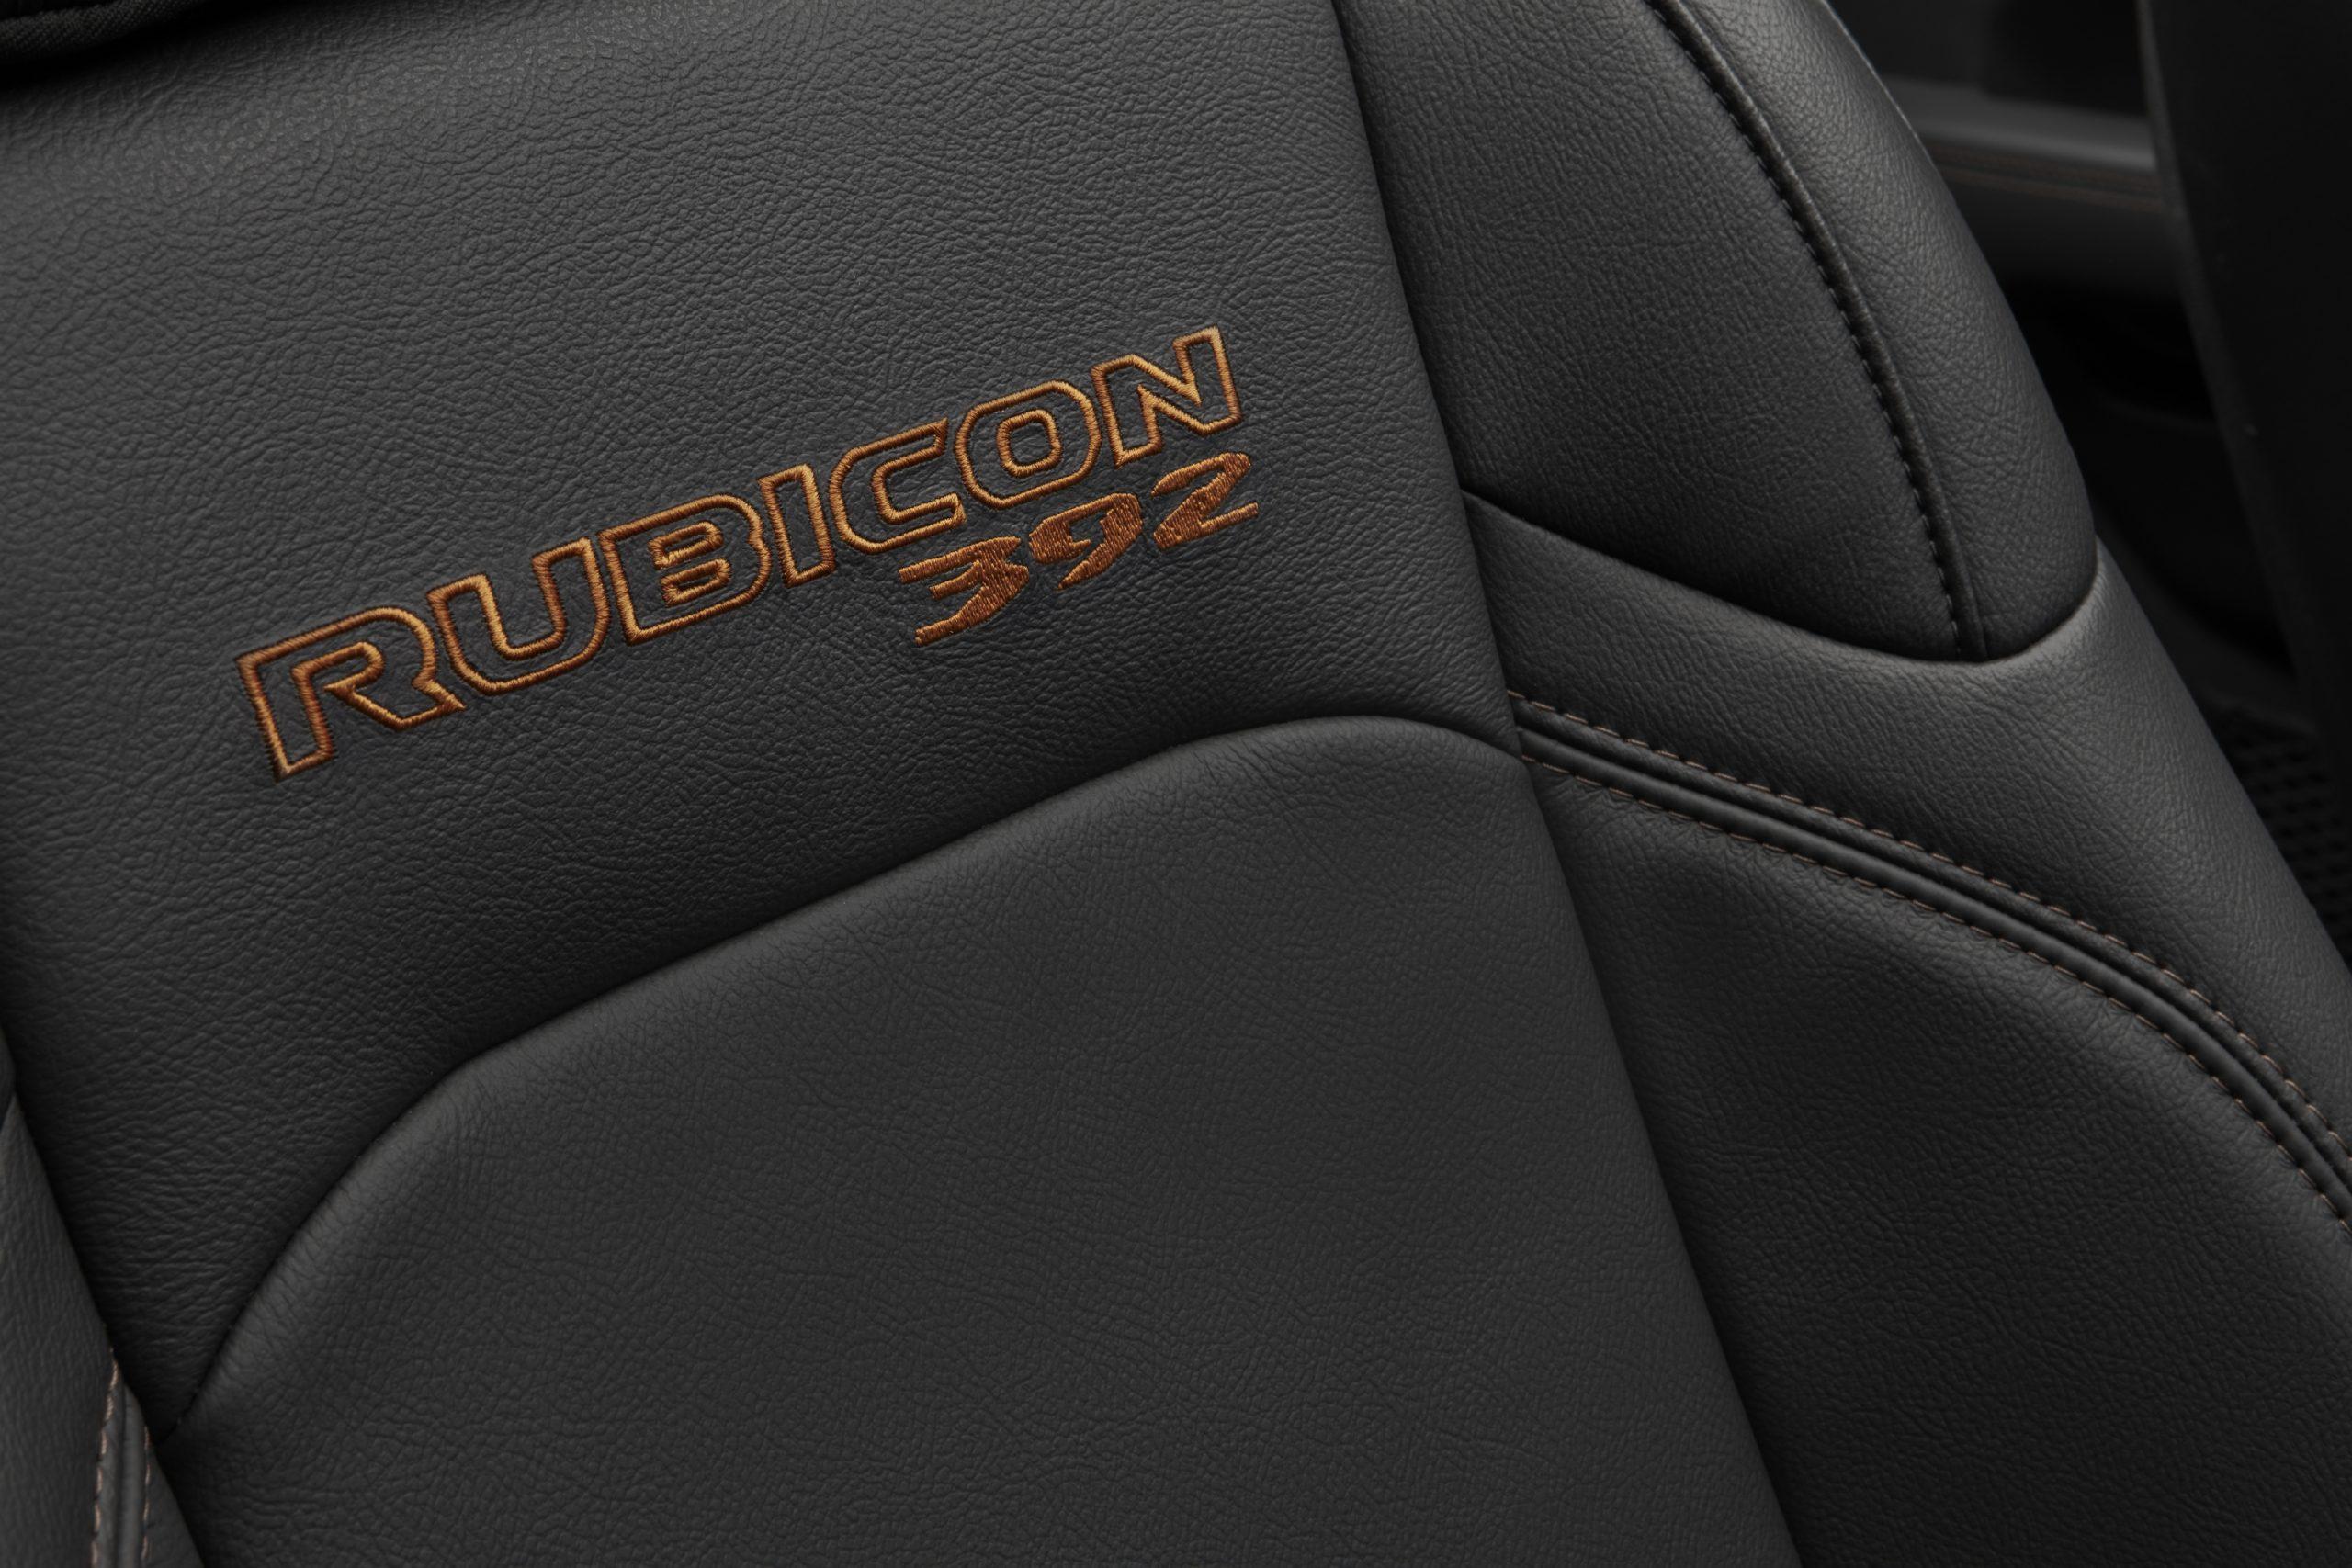 2021 Jeep Wrangler Rubicon 392 seat inscriptions